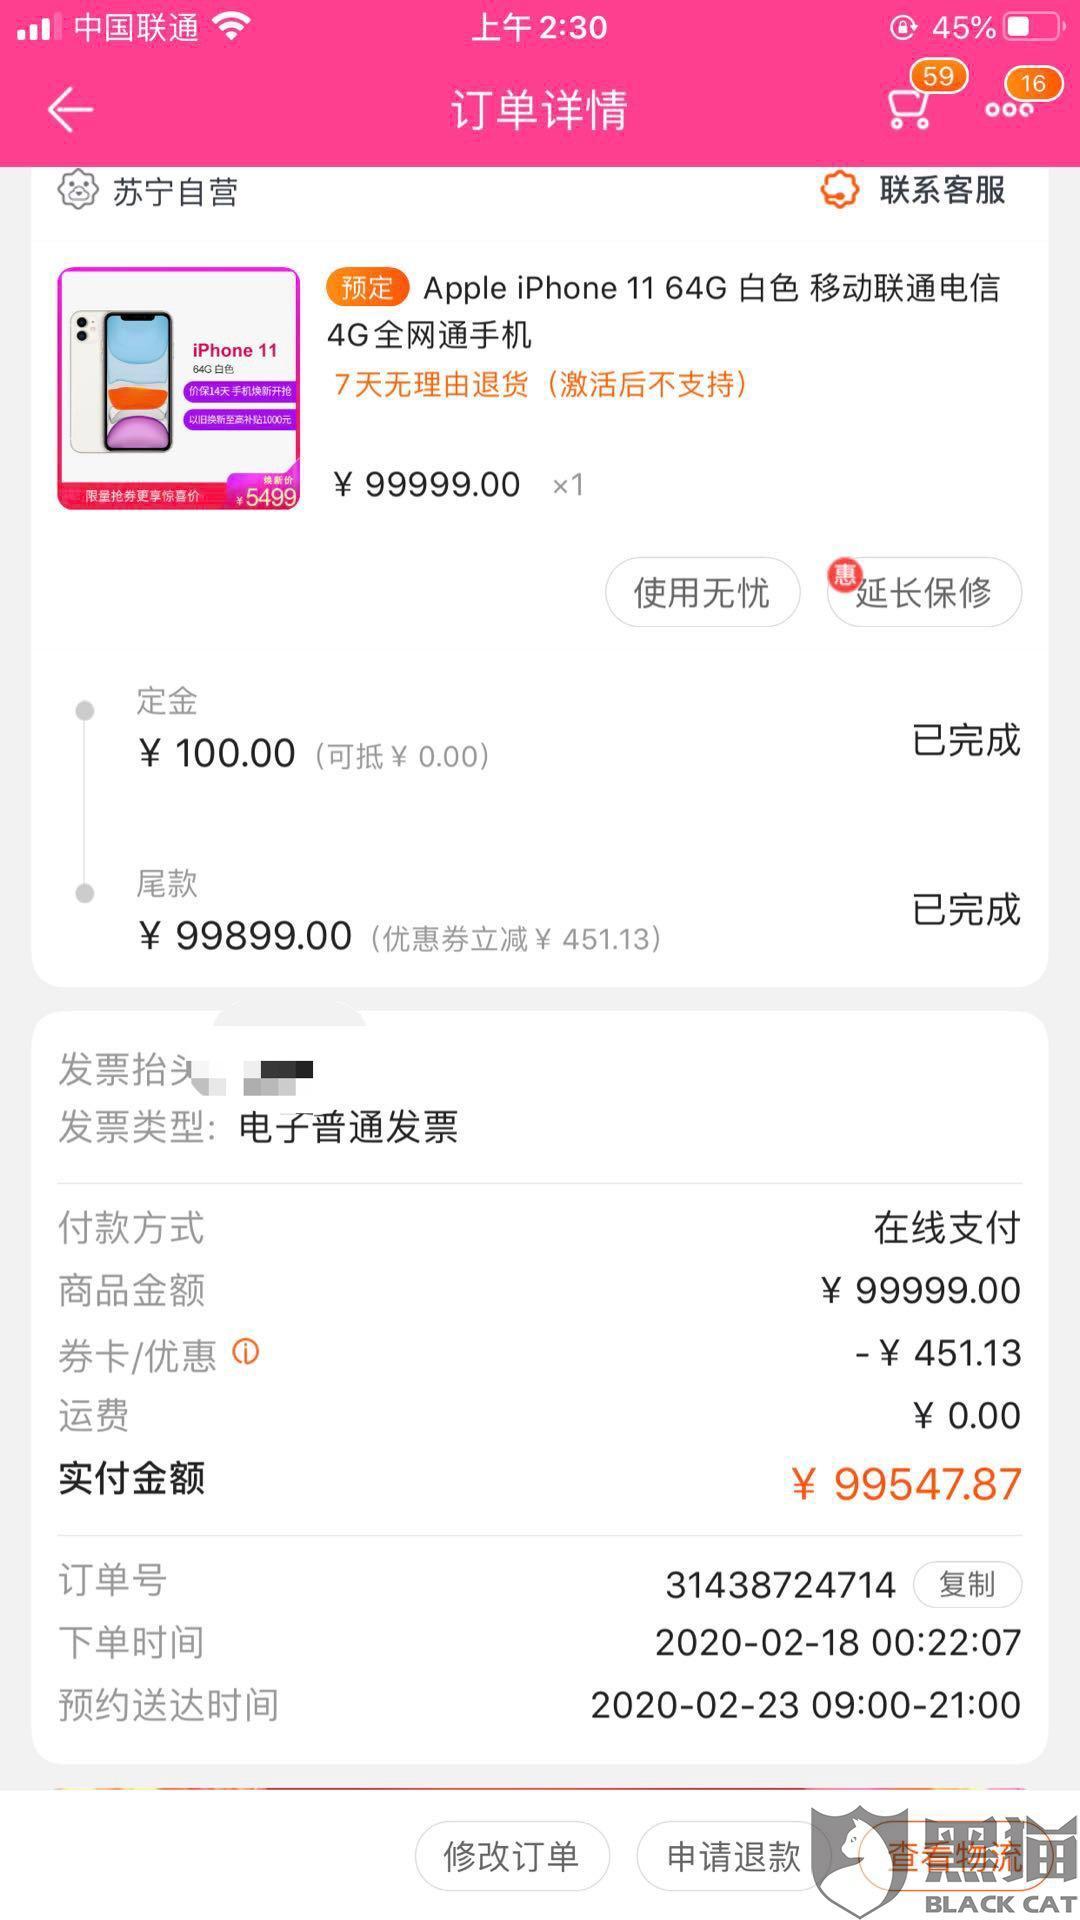 黑猫投诉:苏宁易购天价苹果手机!